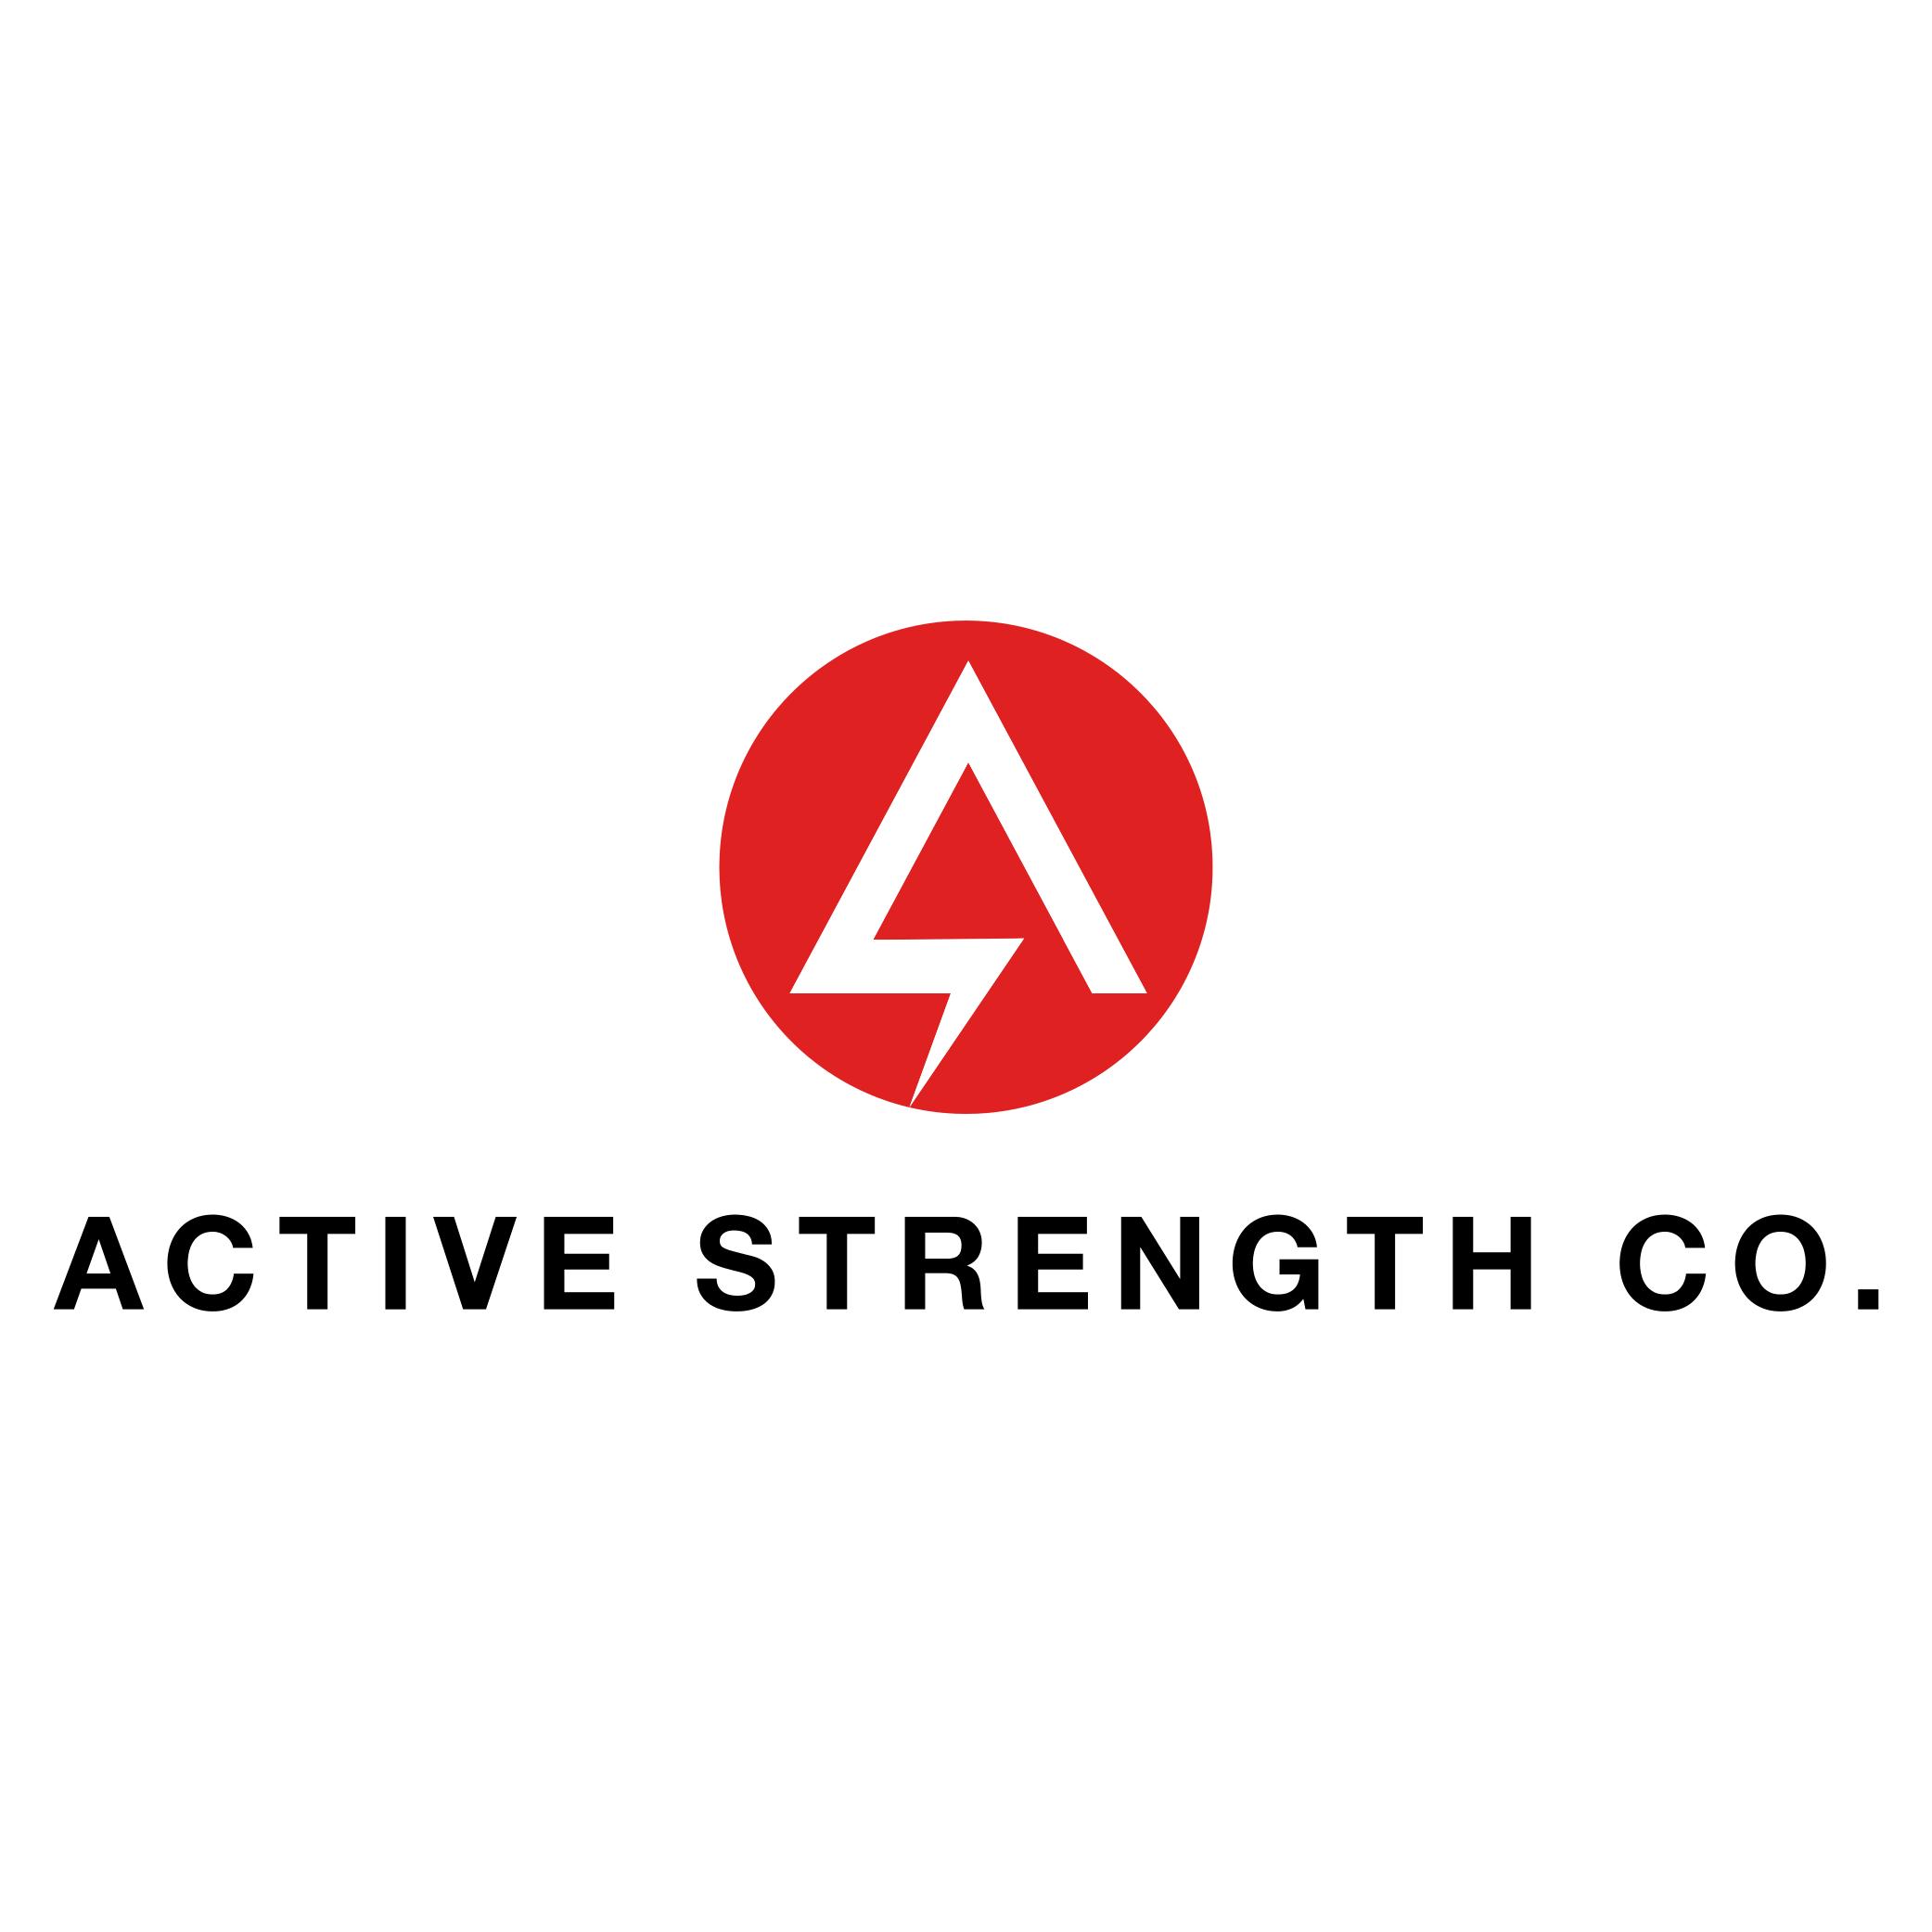 Active Strength Co logo